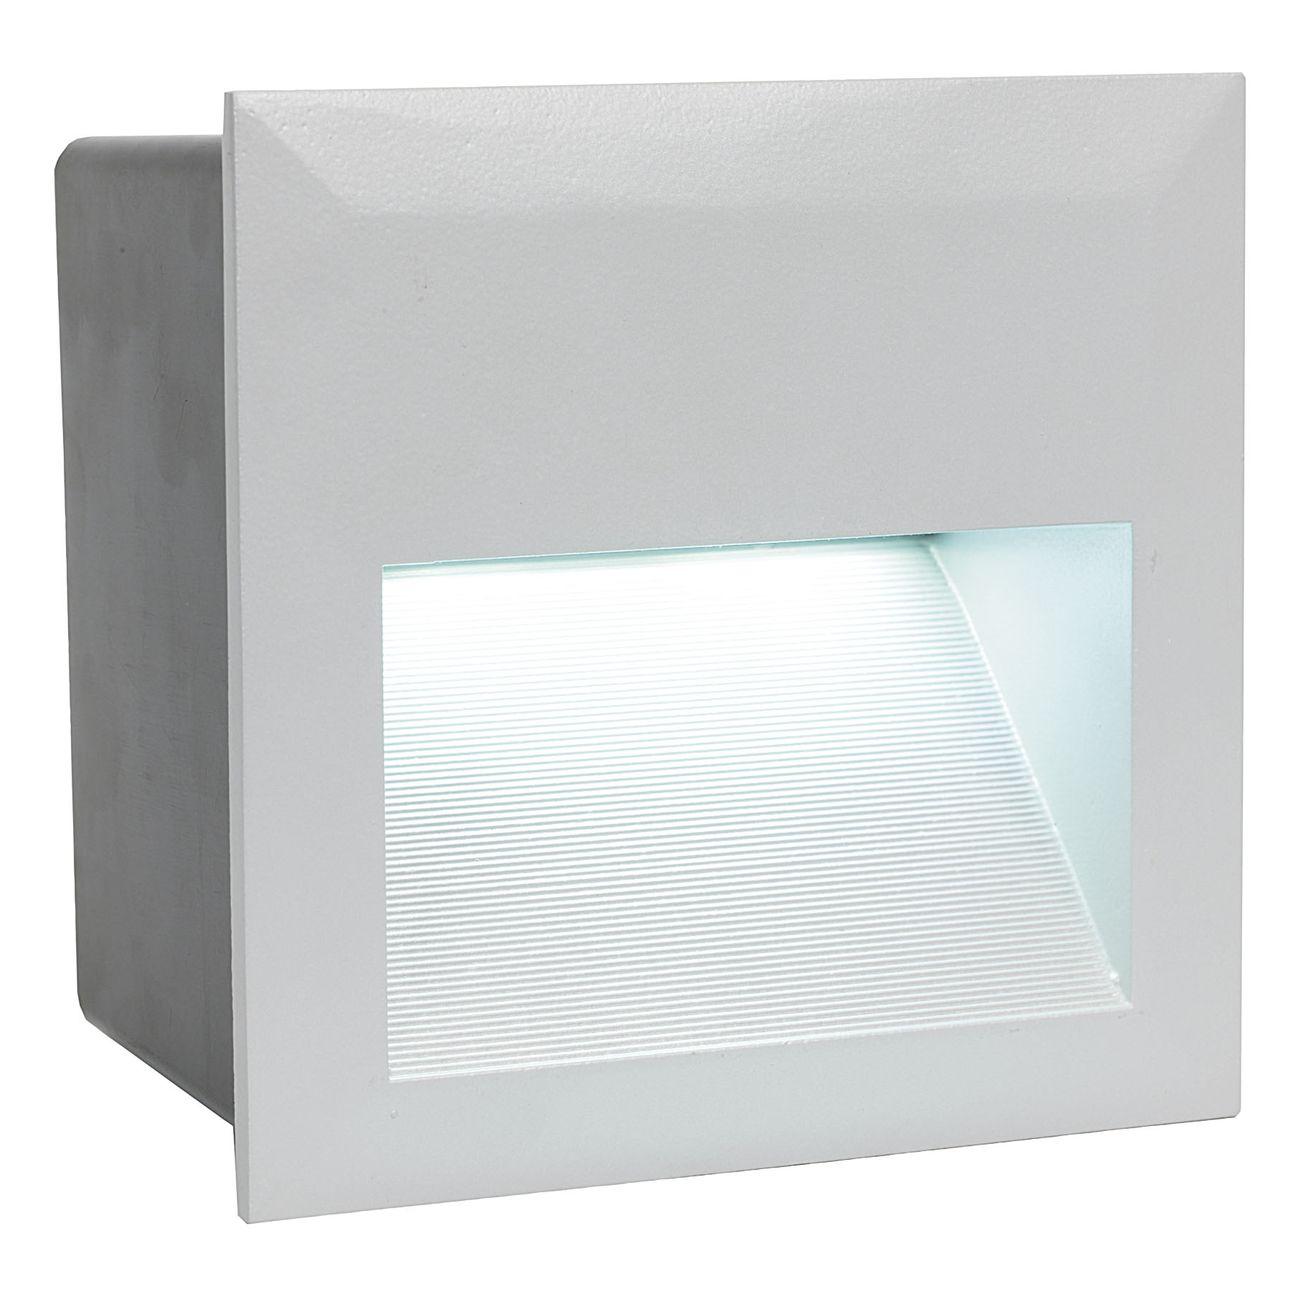 Eglo 95235 ZIMBA-LED zápustné exteriérové svítidlo do stěny 3,7W=400lm IP65